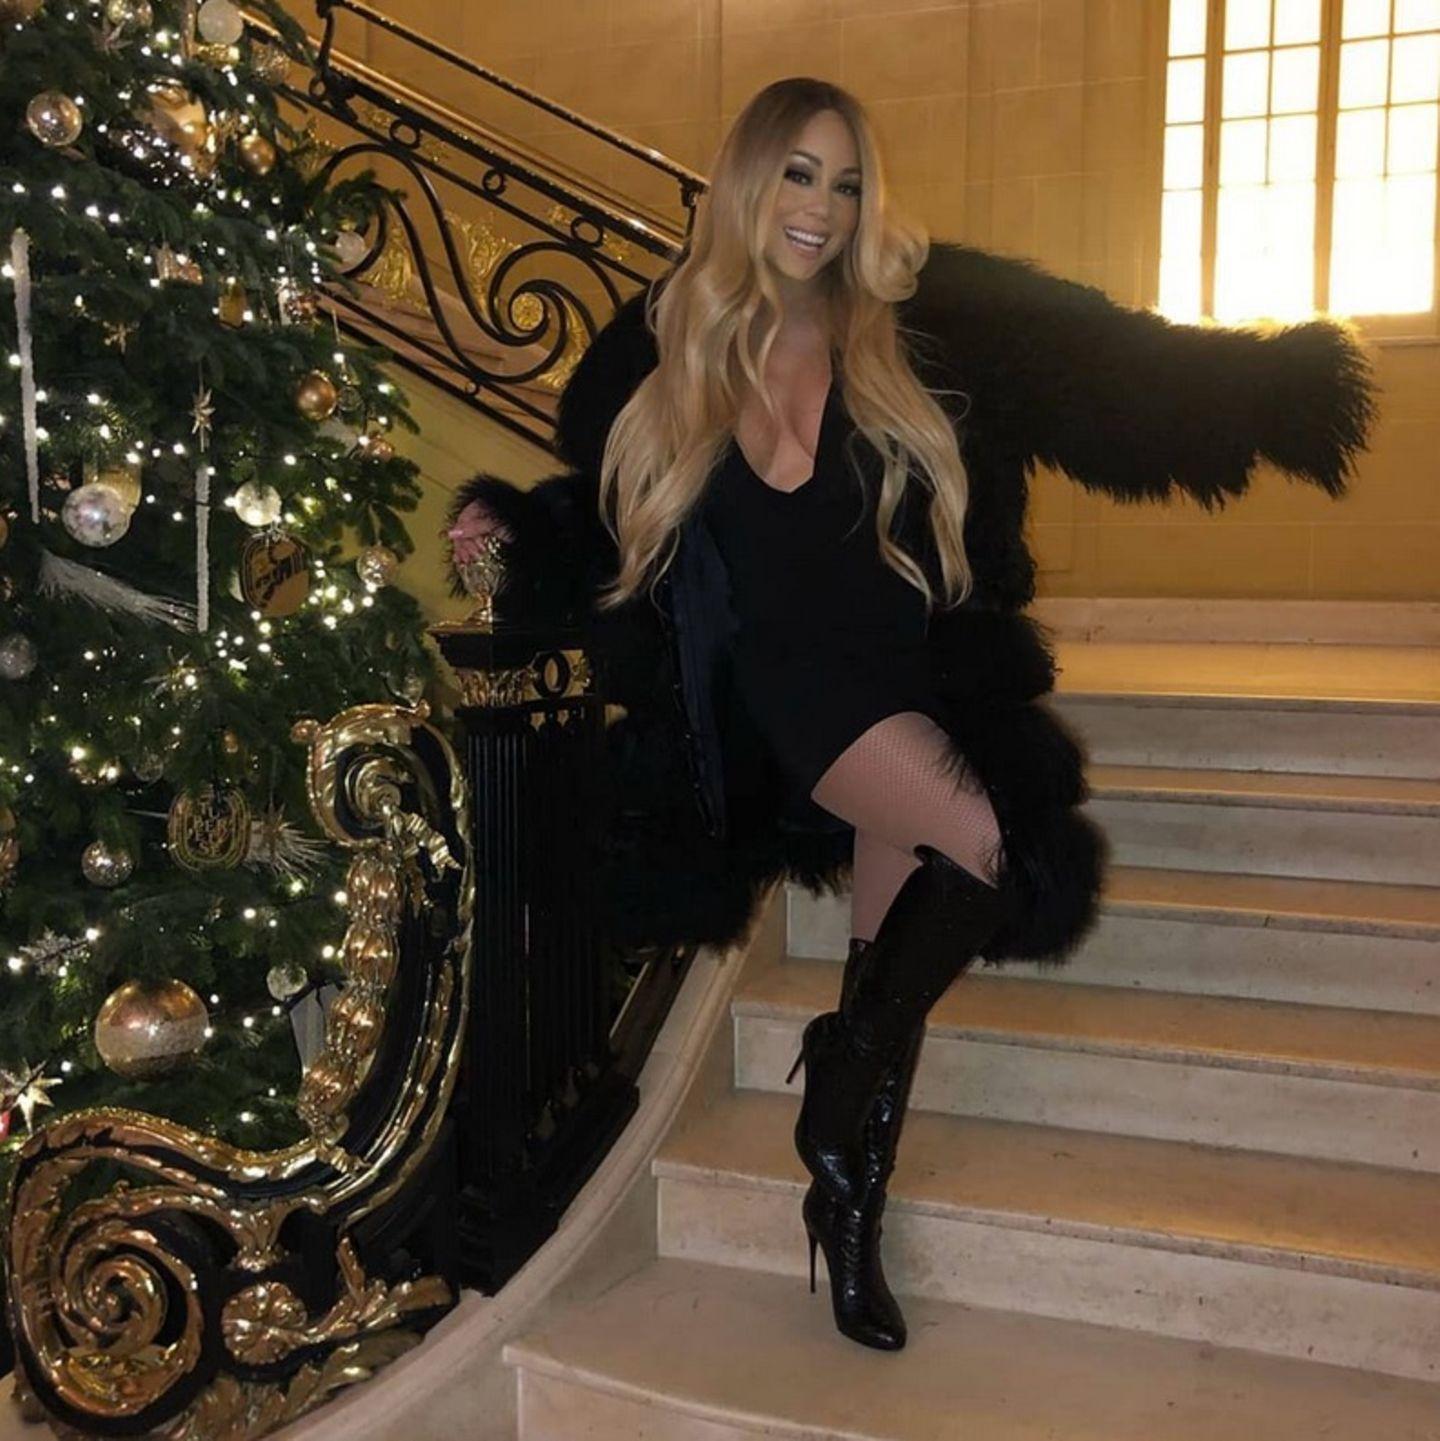 Mariah Carey ist so richtig in Partystimmung! Vor einem goldgeschmückten Baum tänzelt die Pop-Diva herum.